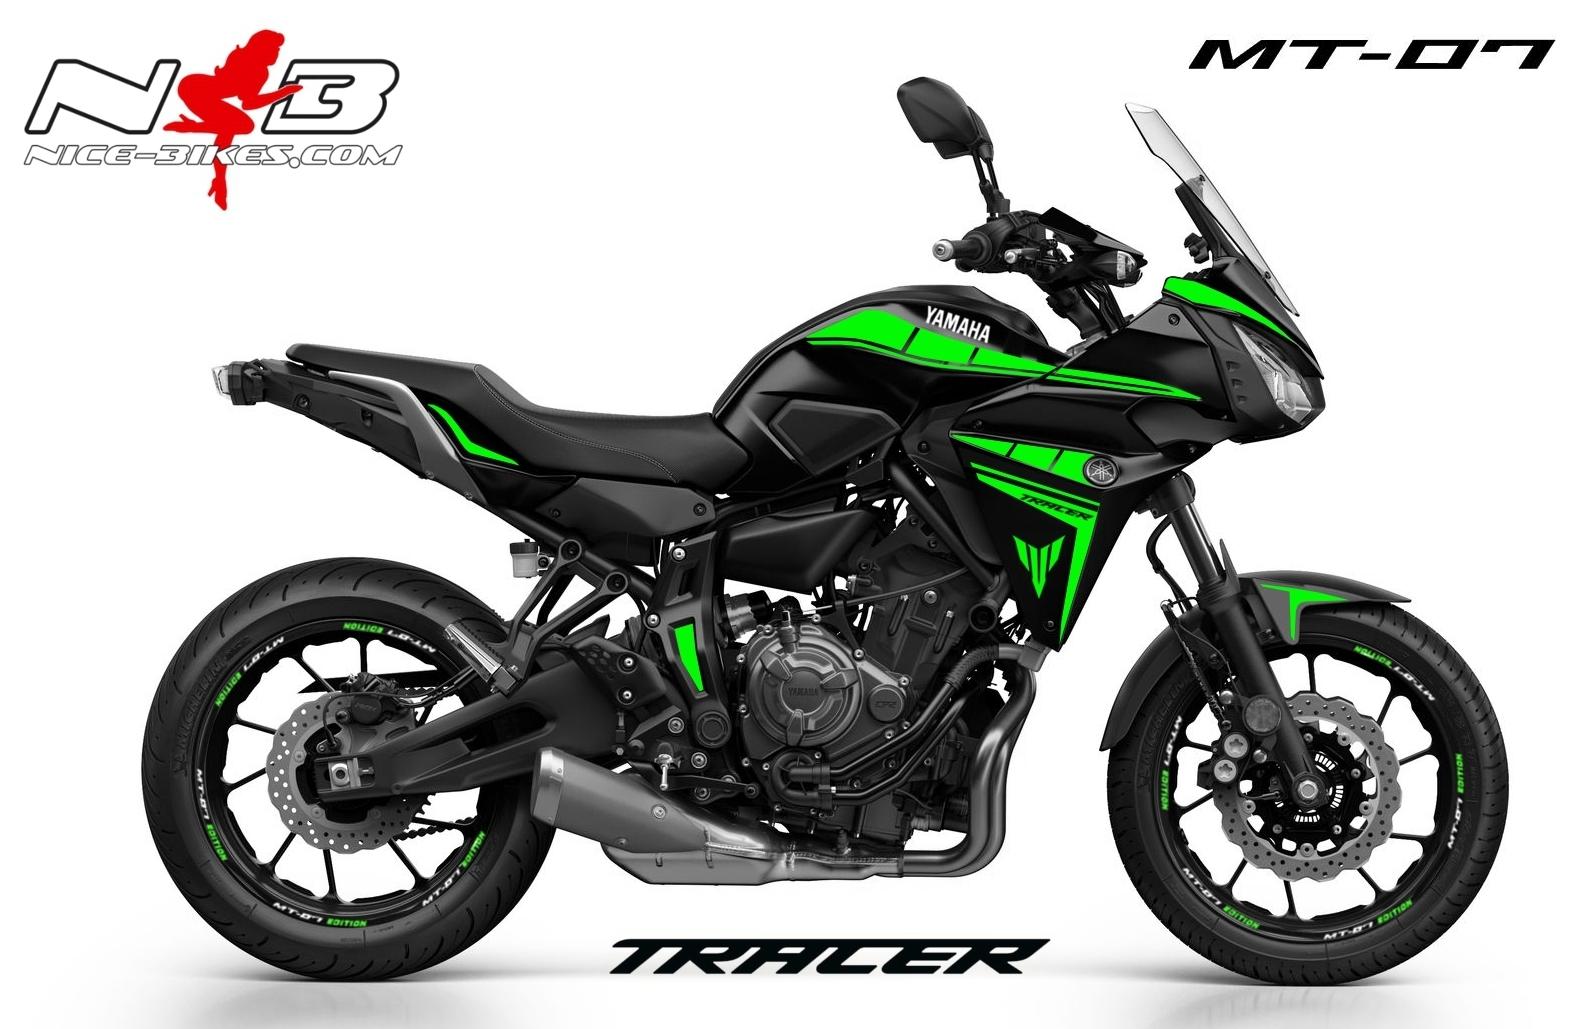 MT07 Tracer limegreen auf schwarzer Maschine